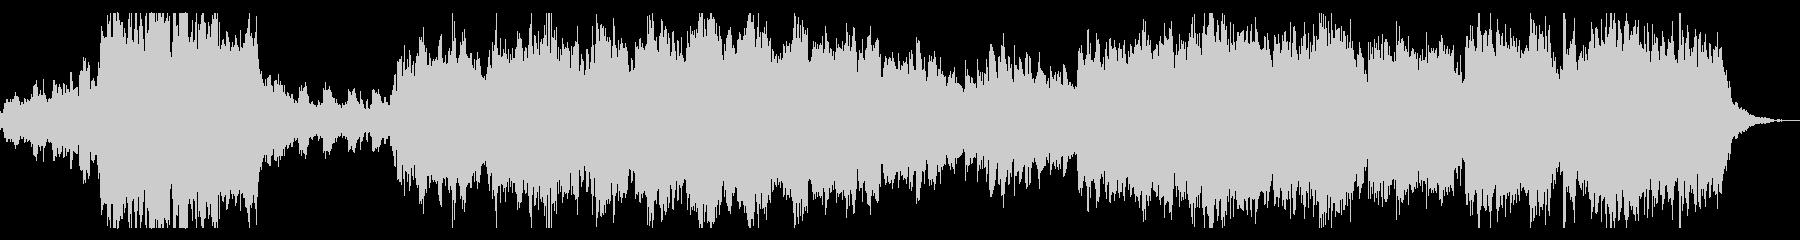 ダークで切ないシネマチックなホラーBGMの未再生の波形